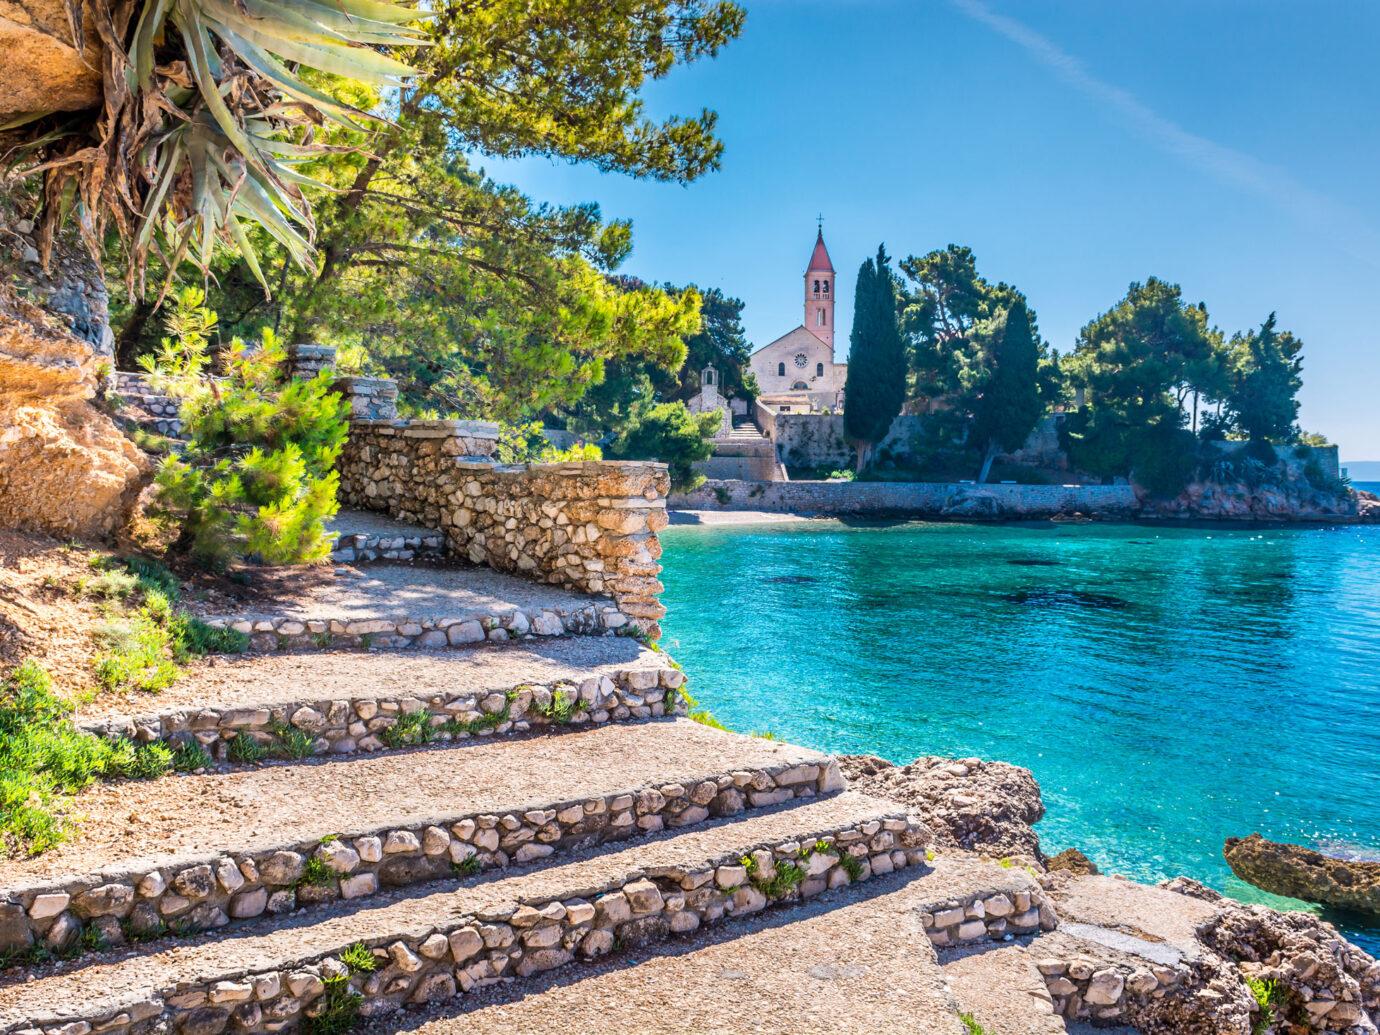 Old stone steps and blue water of Brac Island, Croatia